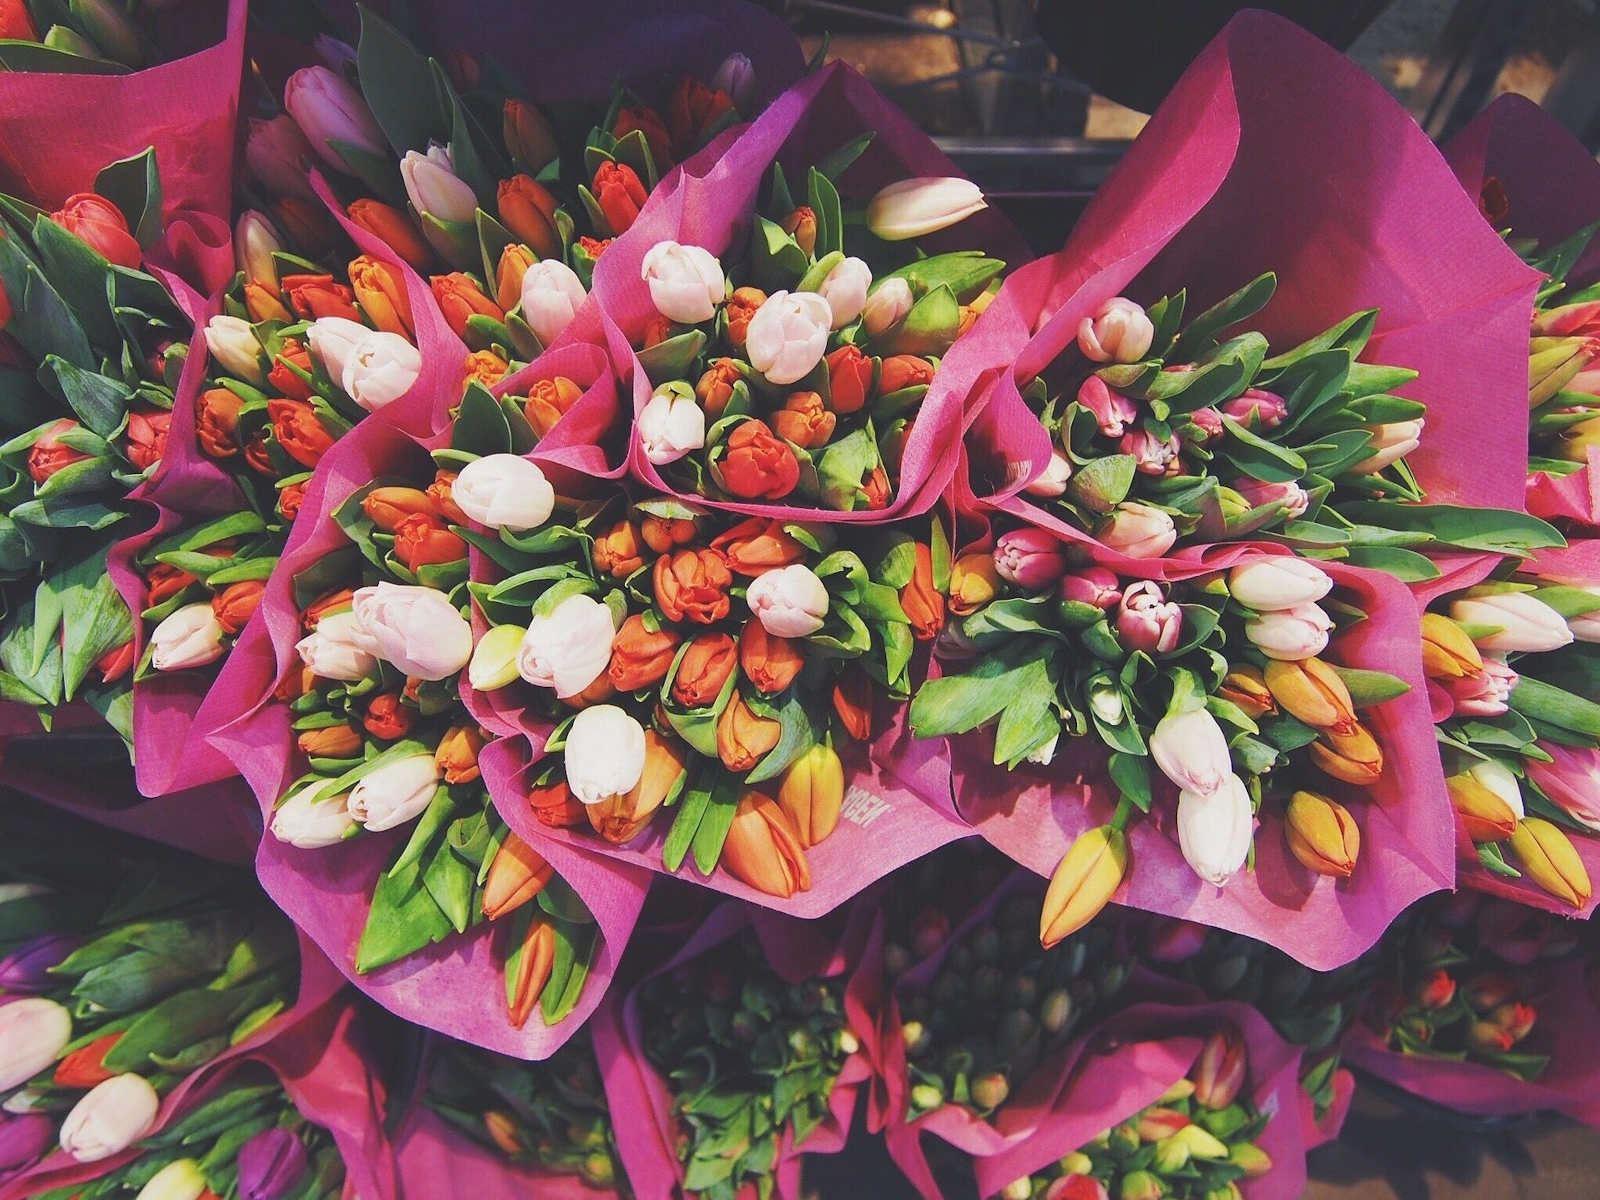 Forrestfield Florist